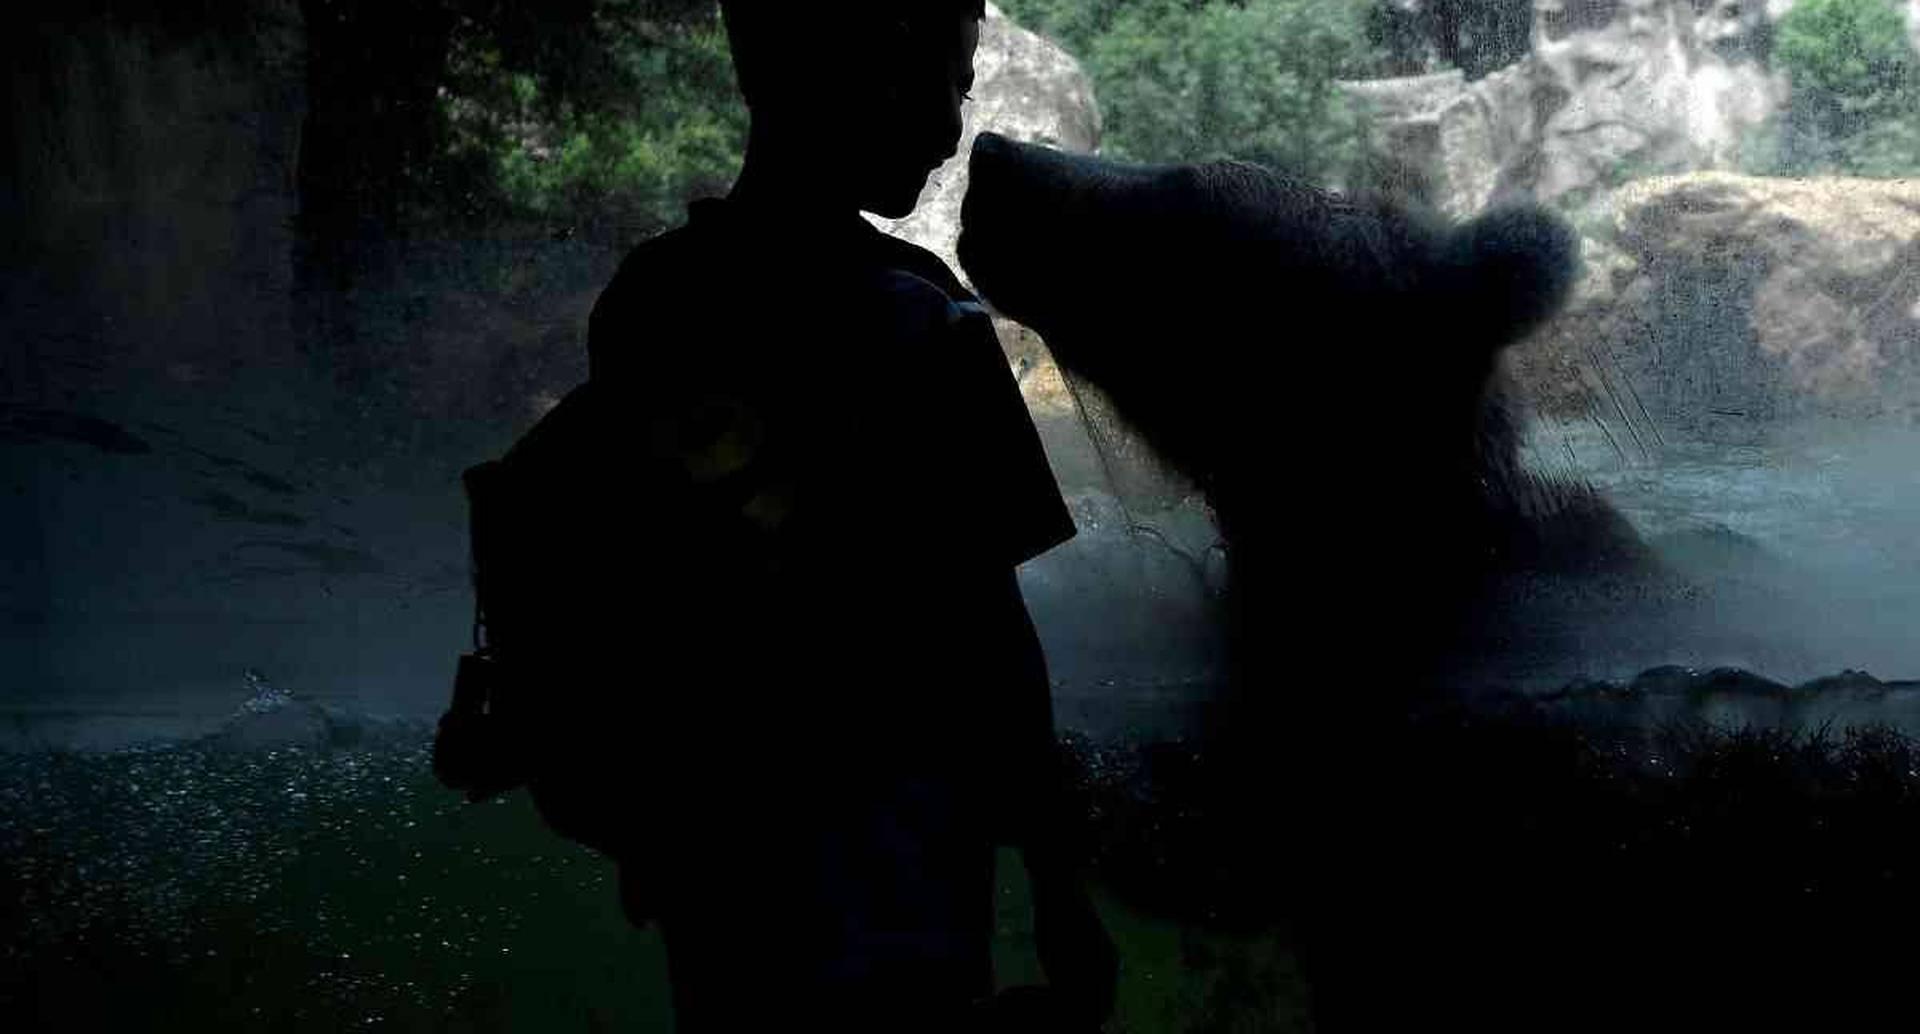 15 de junio - Un niño observa a través de un vidrio un oso que se refresca en un estanque de agua en el zoológico de Roma.  FOTO: Filippo MONTEFORTE / AFP